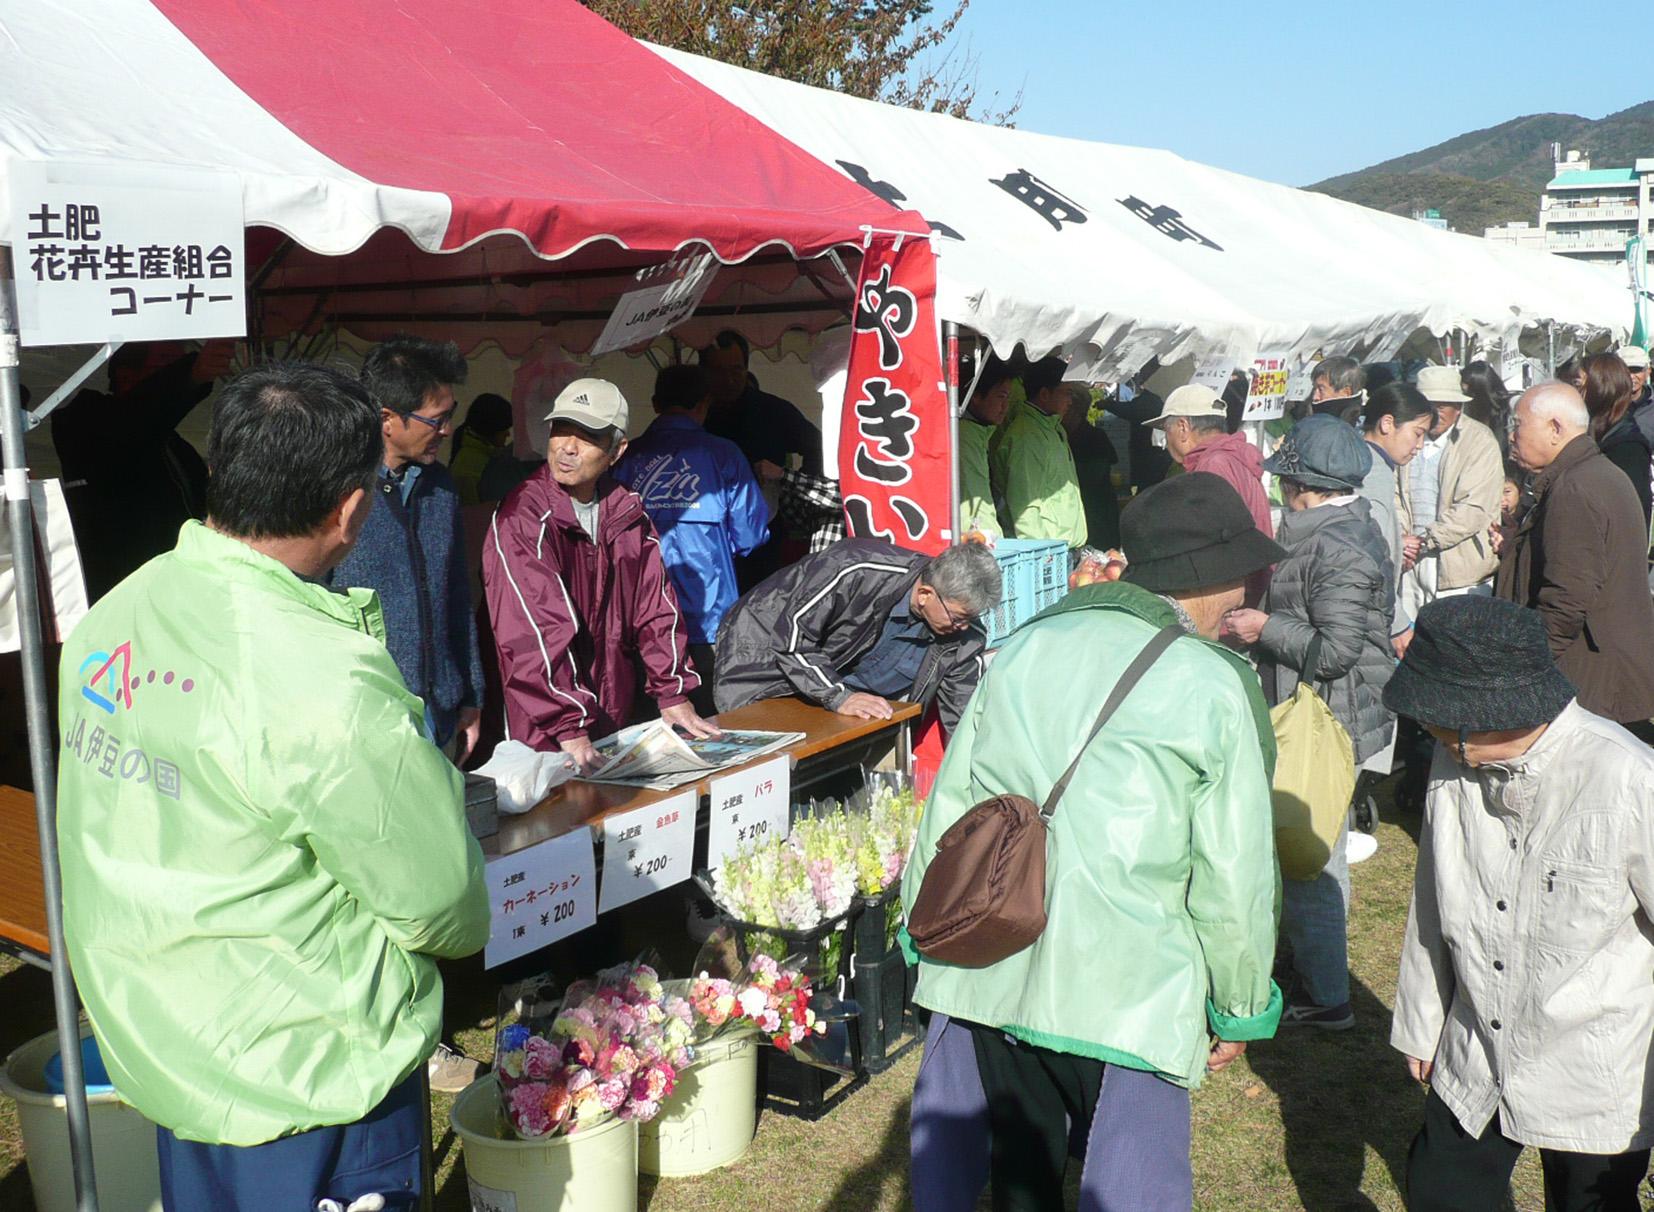 JAまつり 戸田会場(戸田さんさんまつりと同時開催)の写真